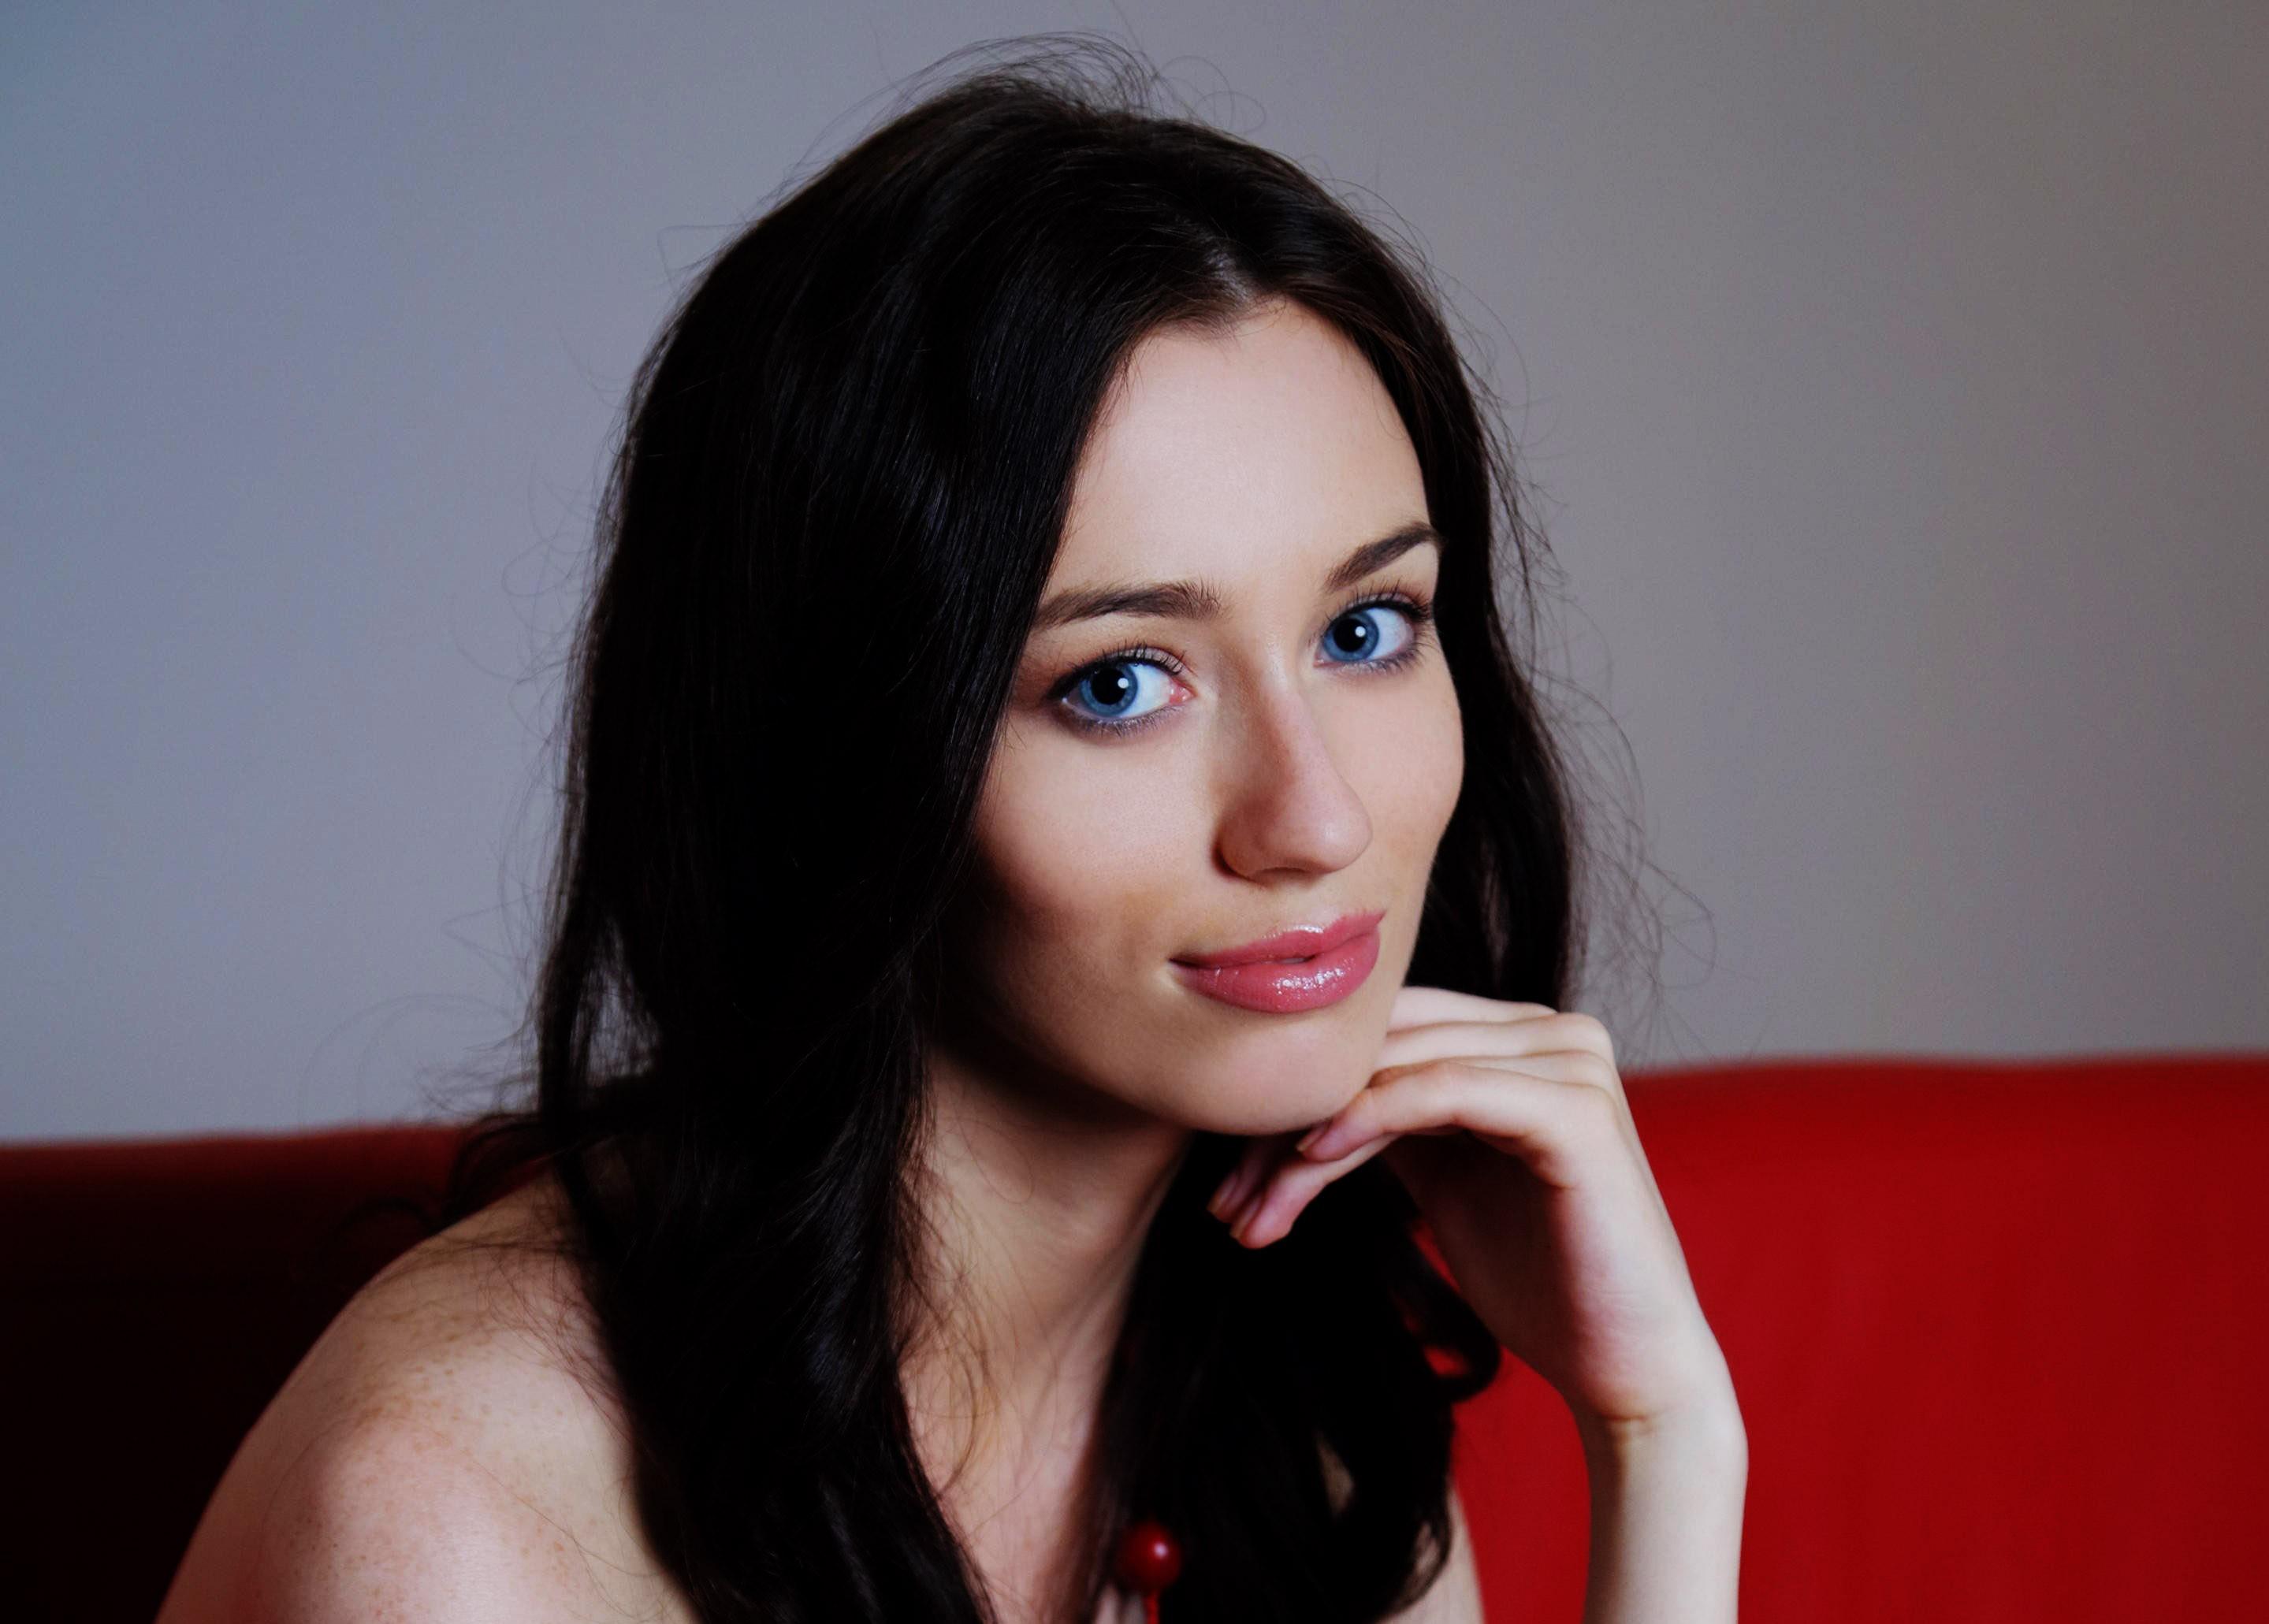 Wallpaper Face Women Model Brunette Singer Blue: Wallpaper : Face, Women, Long Hair, Blue Eyes, Red, Singer